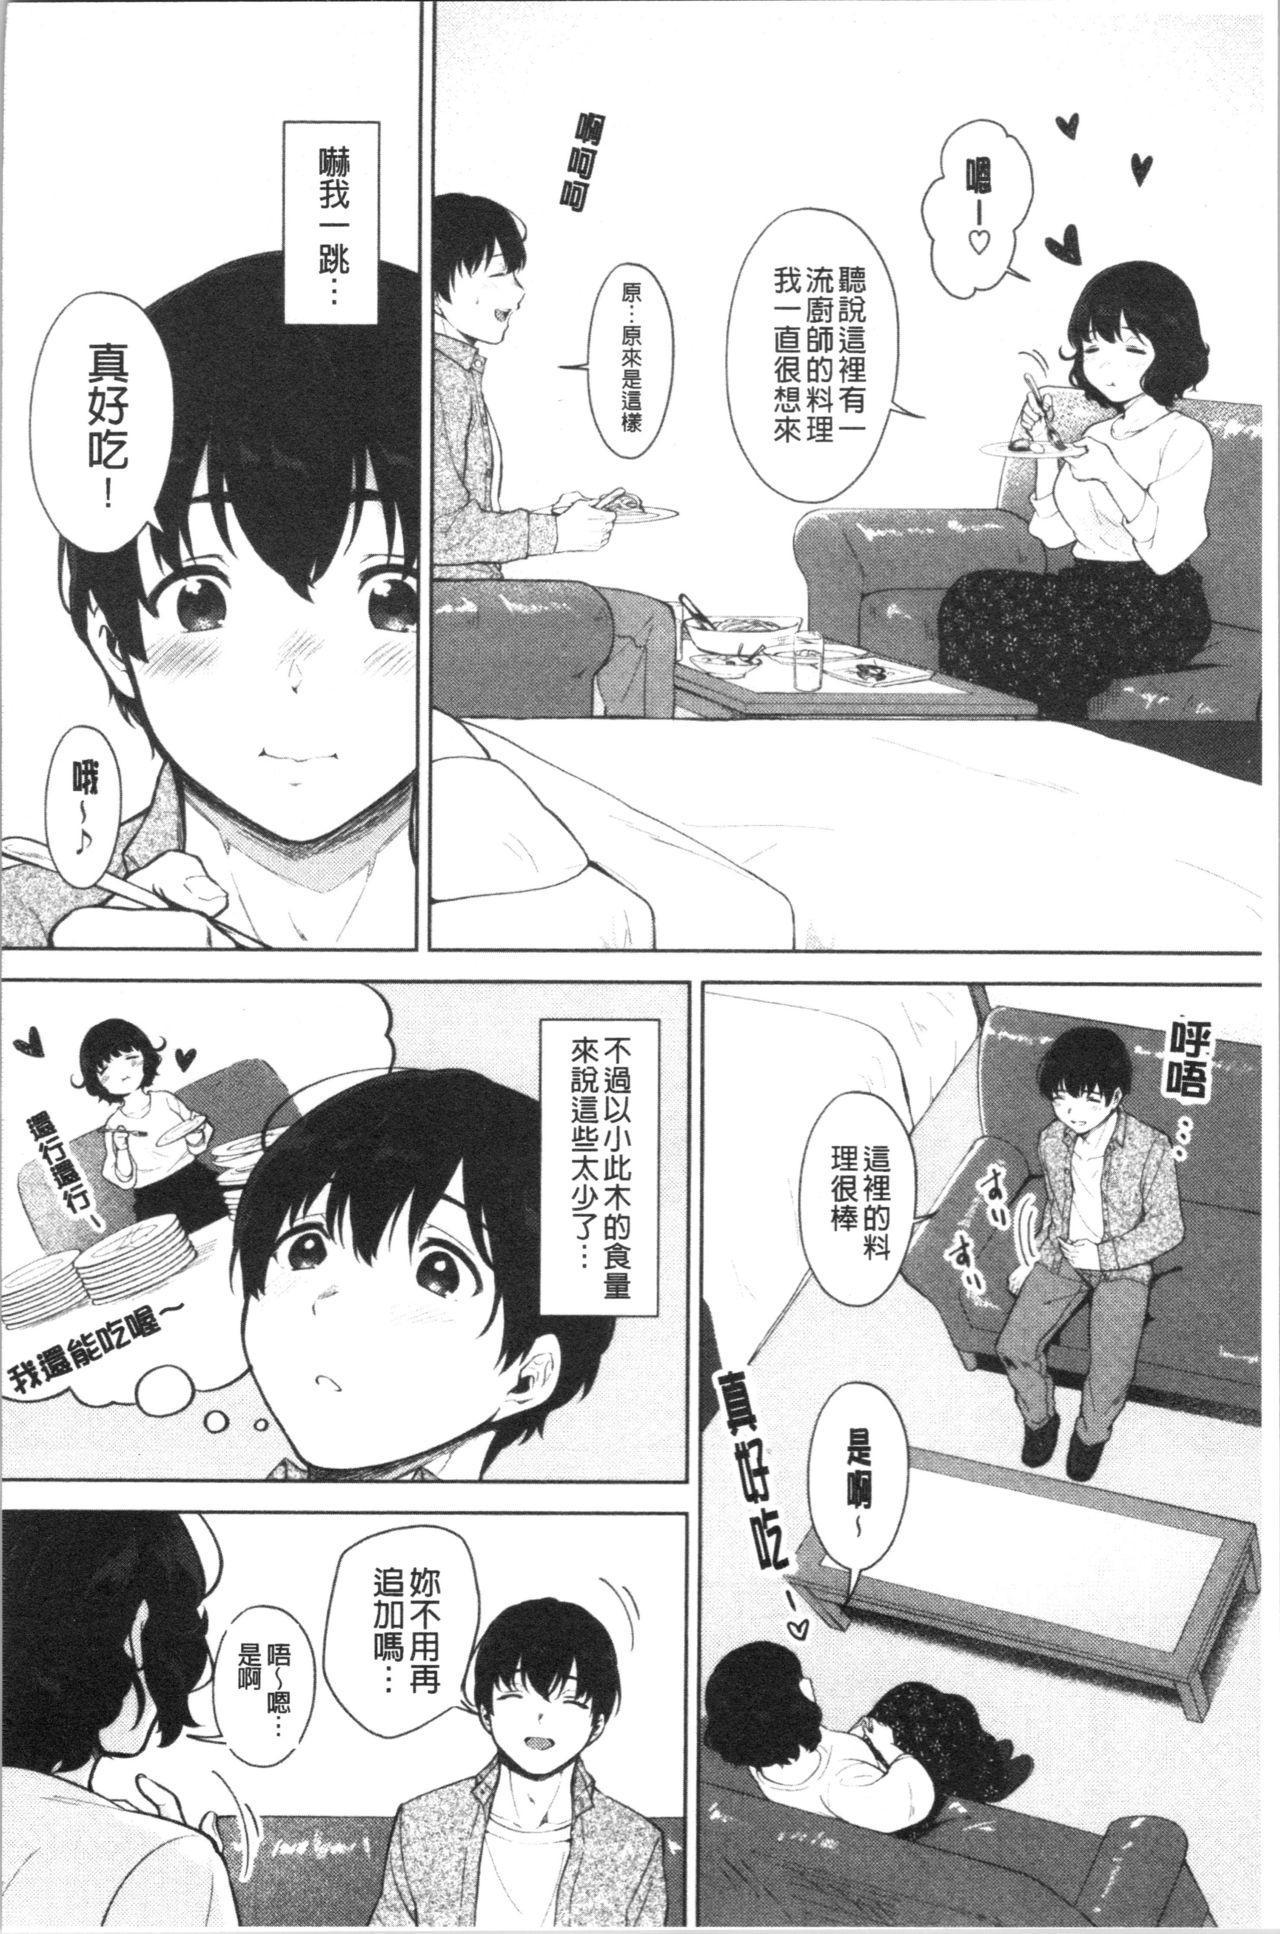 #Echi Echi Joshi to Tsunagaritai | #好色淫蕩女子想和她搞一下 116